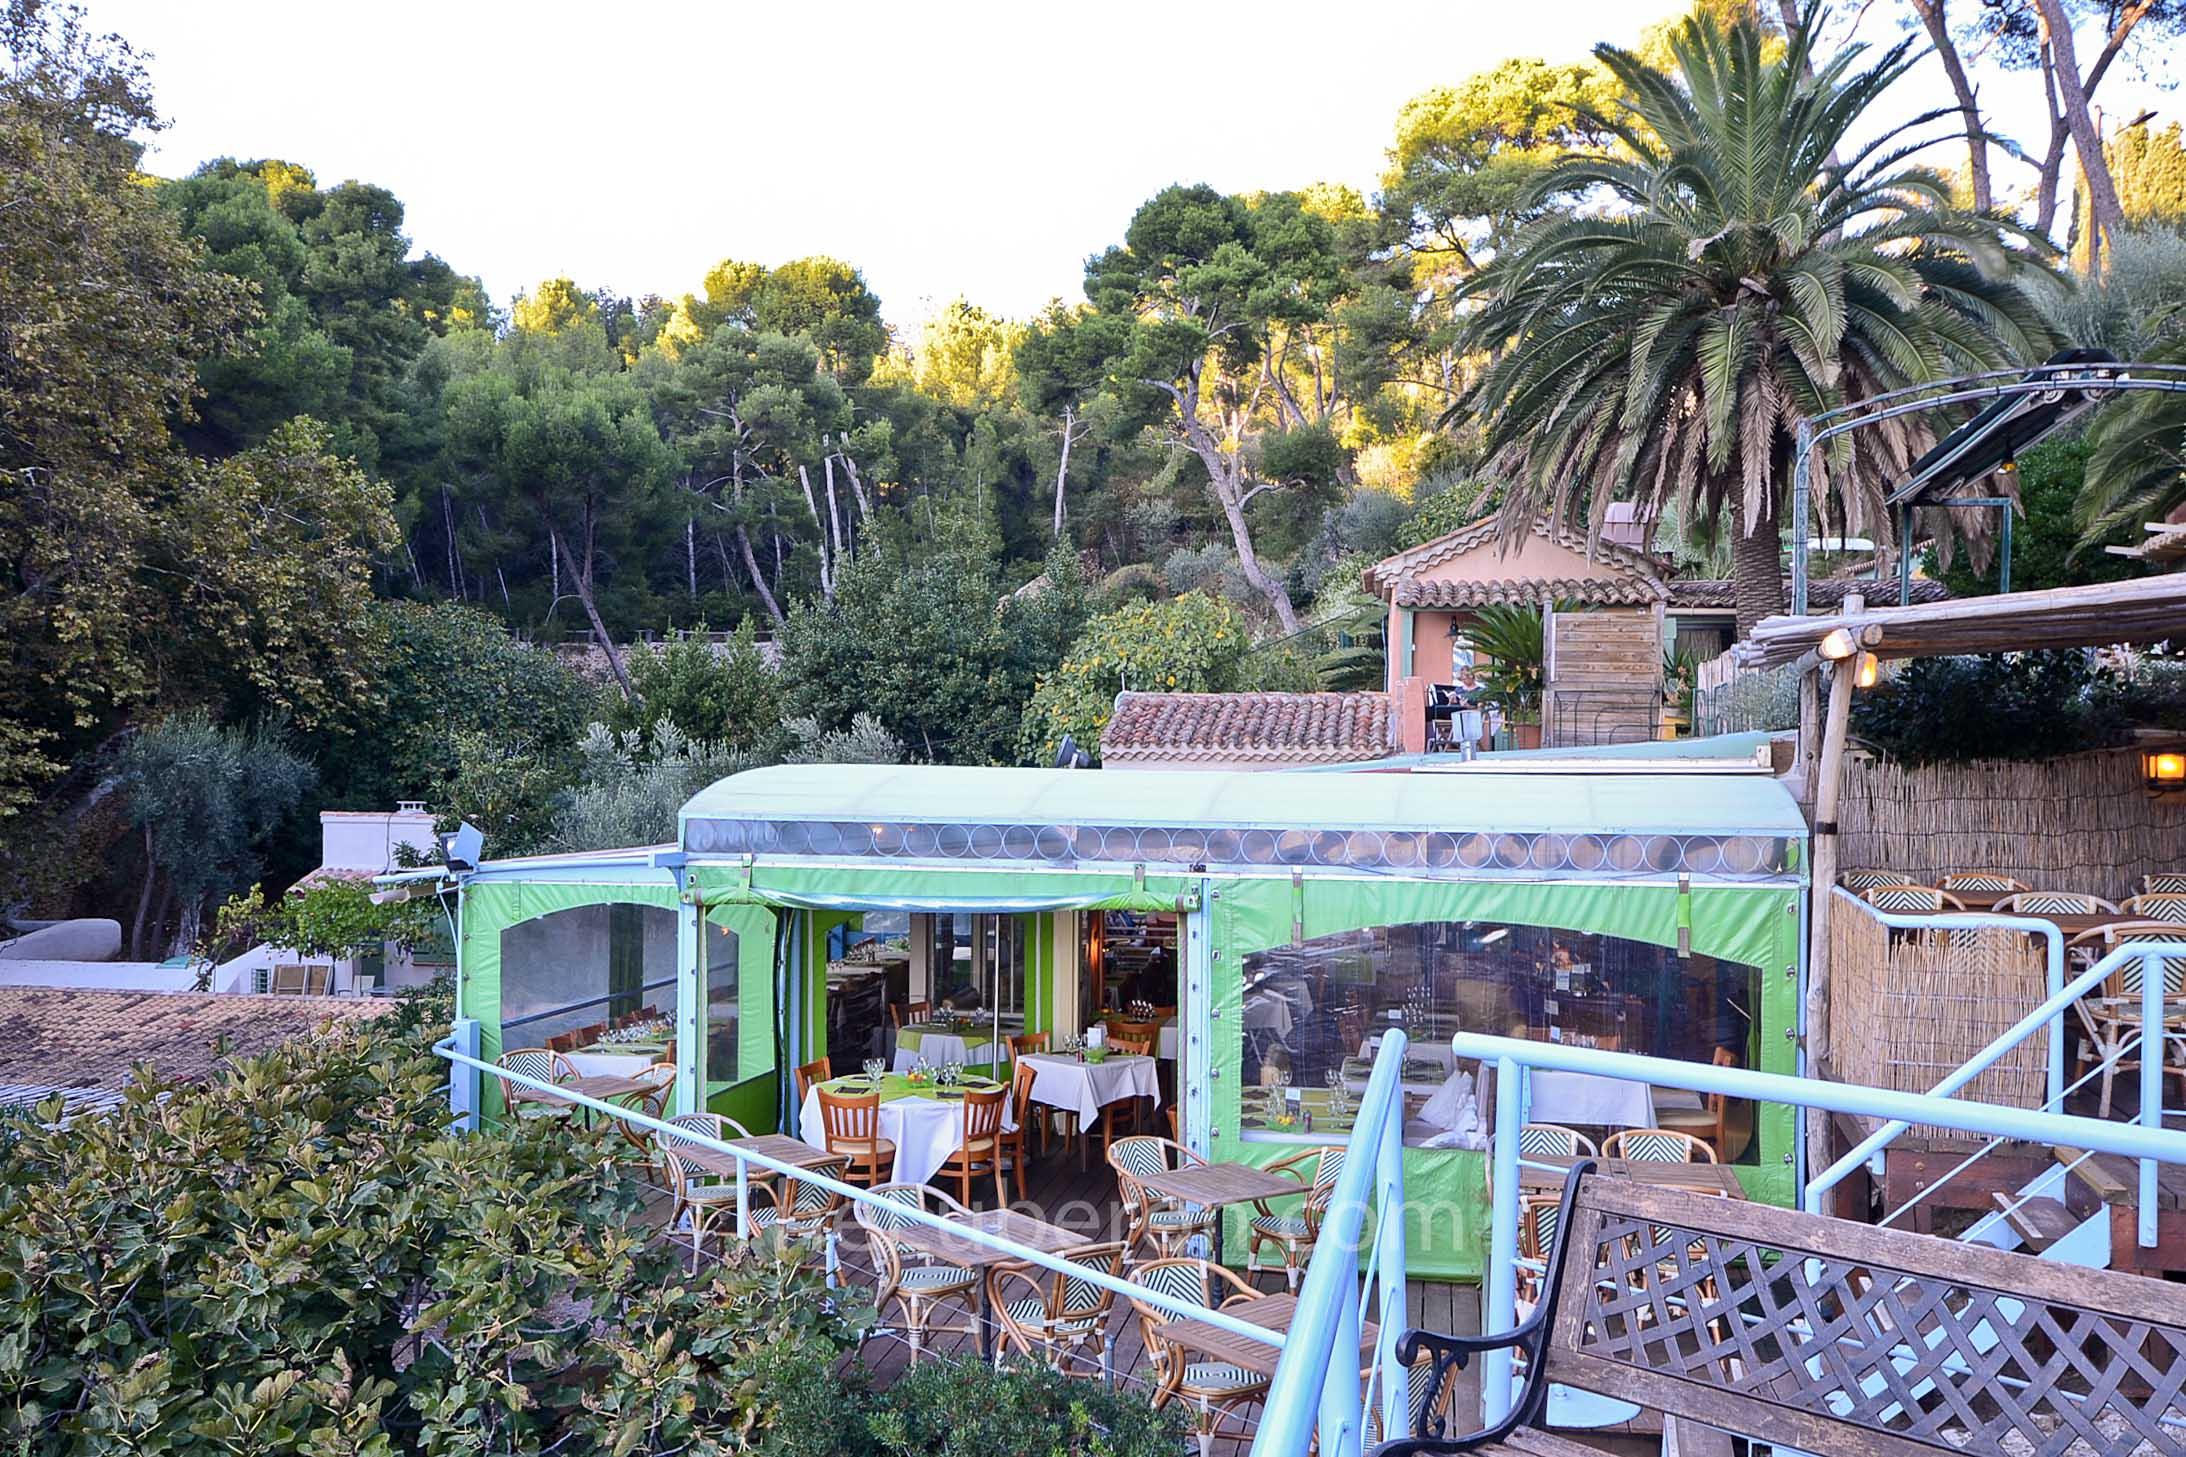 Restaurant at Calanque des Figuerolles, La Ciotat